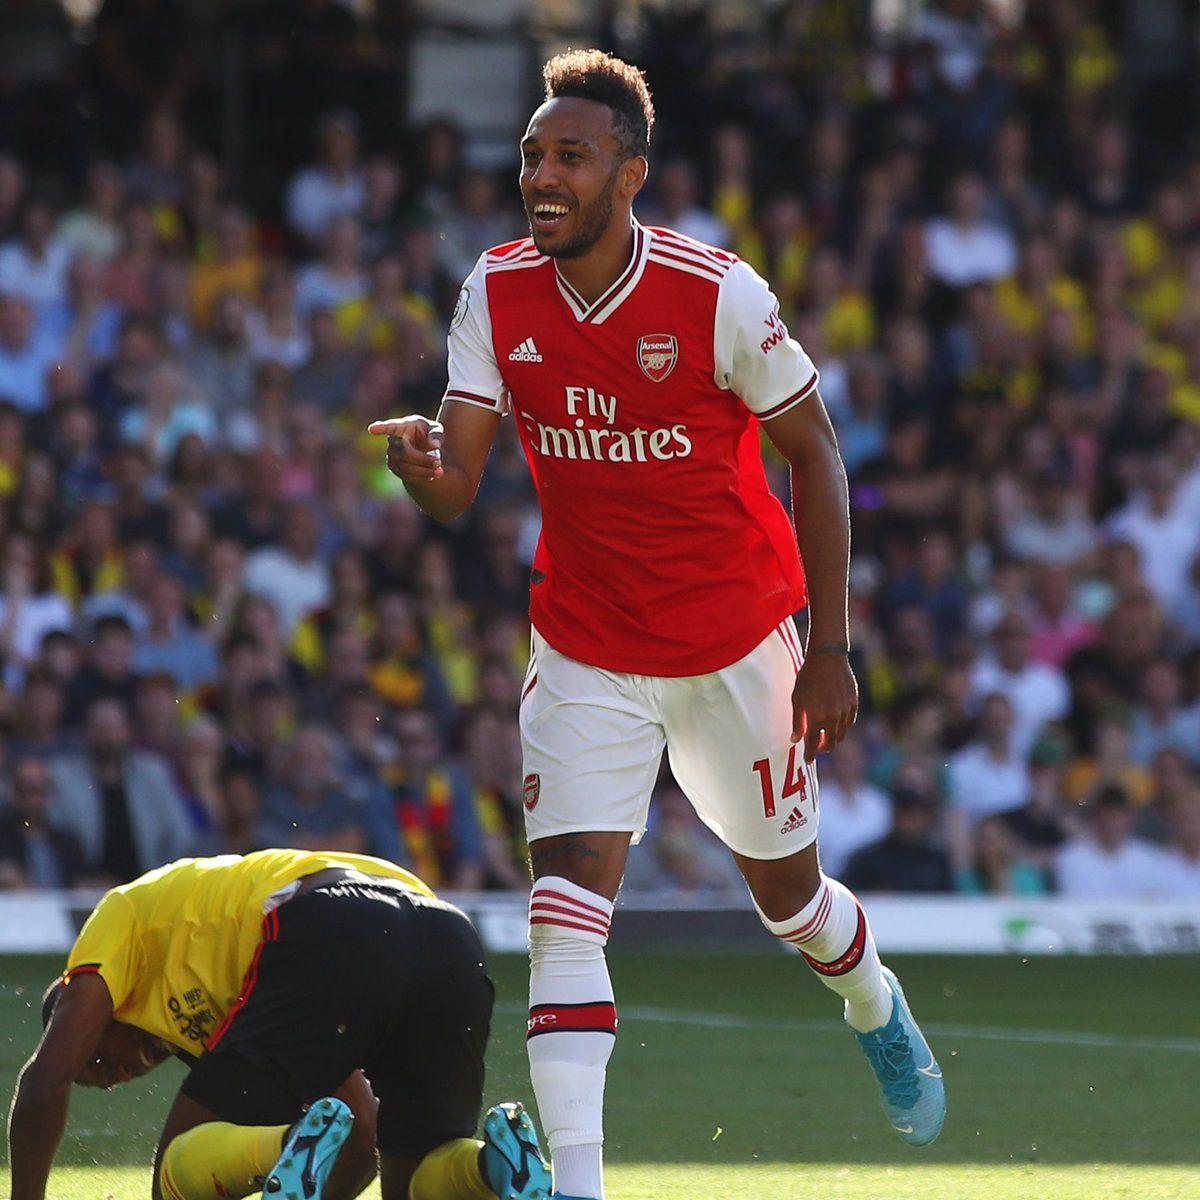 Арсенал упустил победу над слабым Уотфордом, Эвертон на выезде уступил Борнмуту: 5-й тур АПЛ, матчи воскресенья